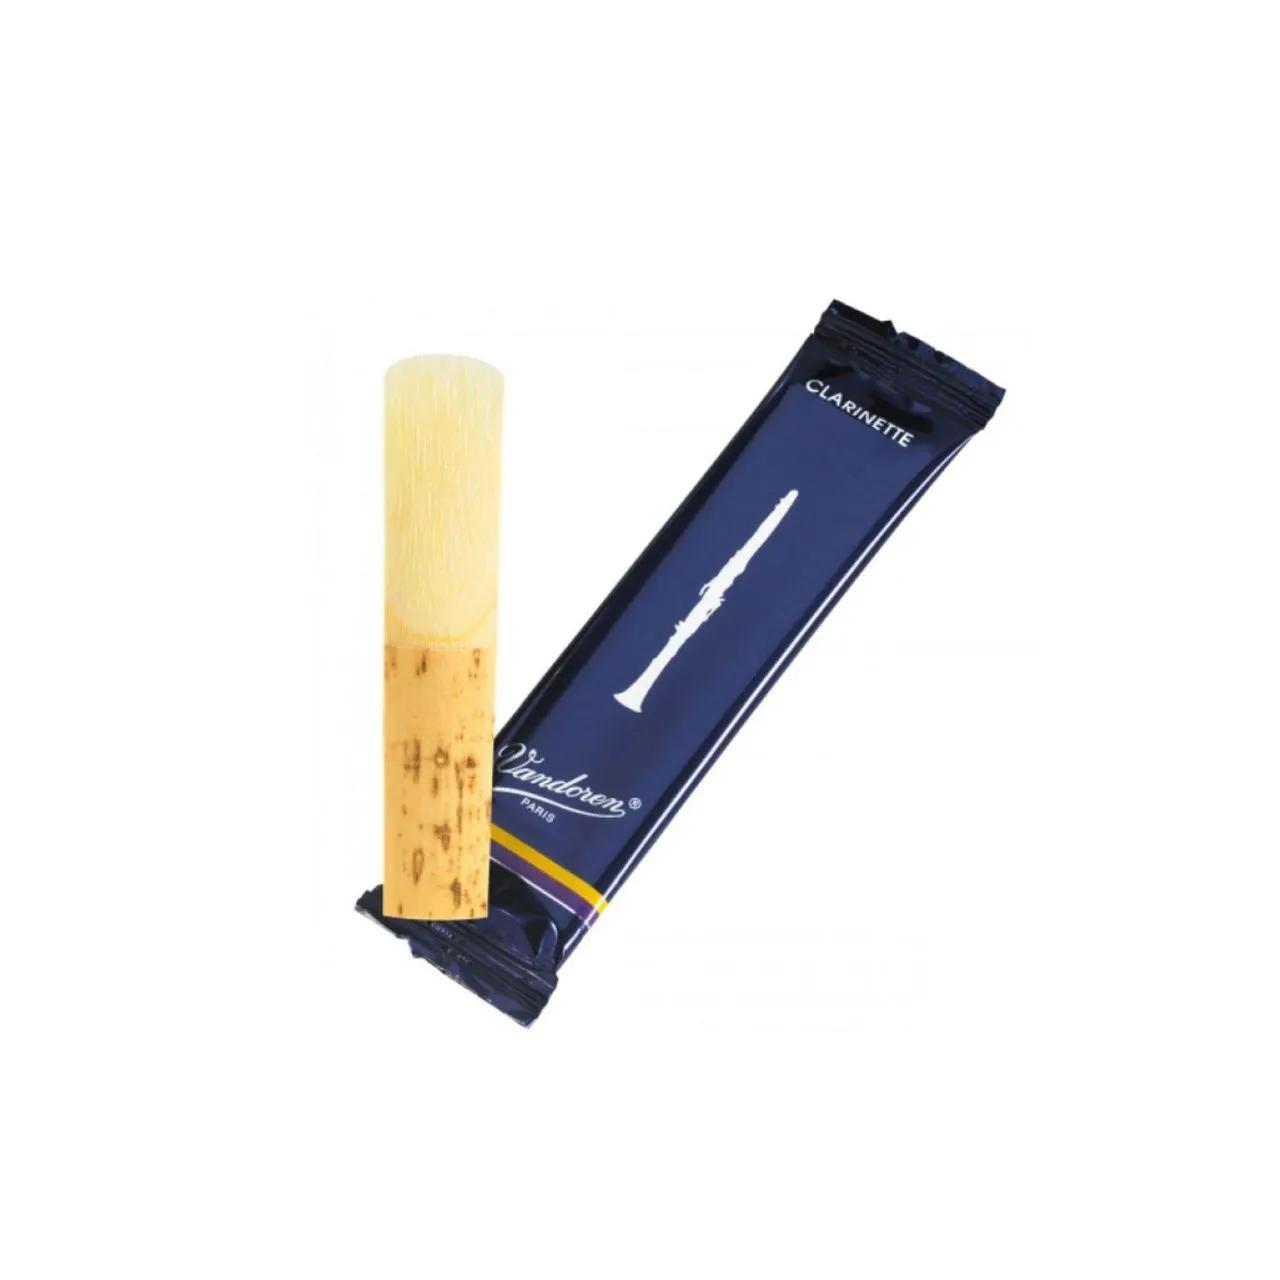 Palheta Tradicional 3 P/clarinete Alto Cx C/10 Cr143 Vandoren